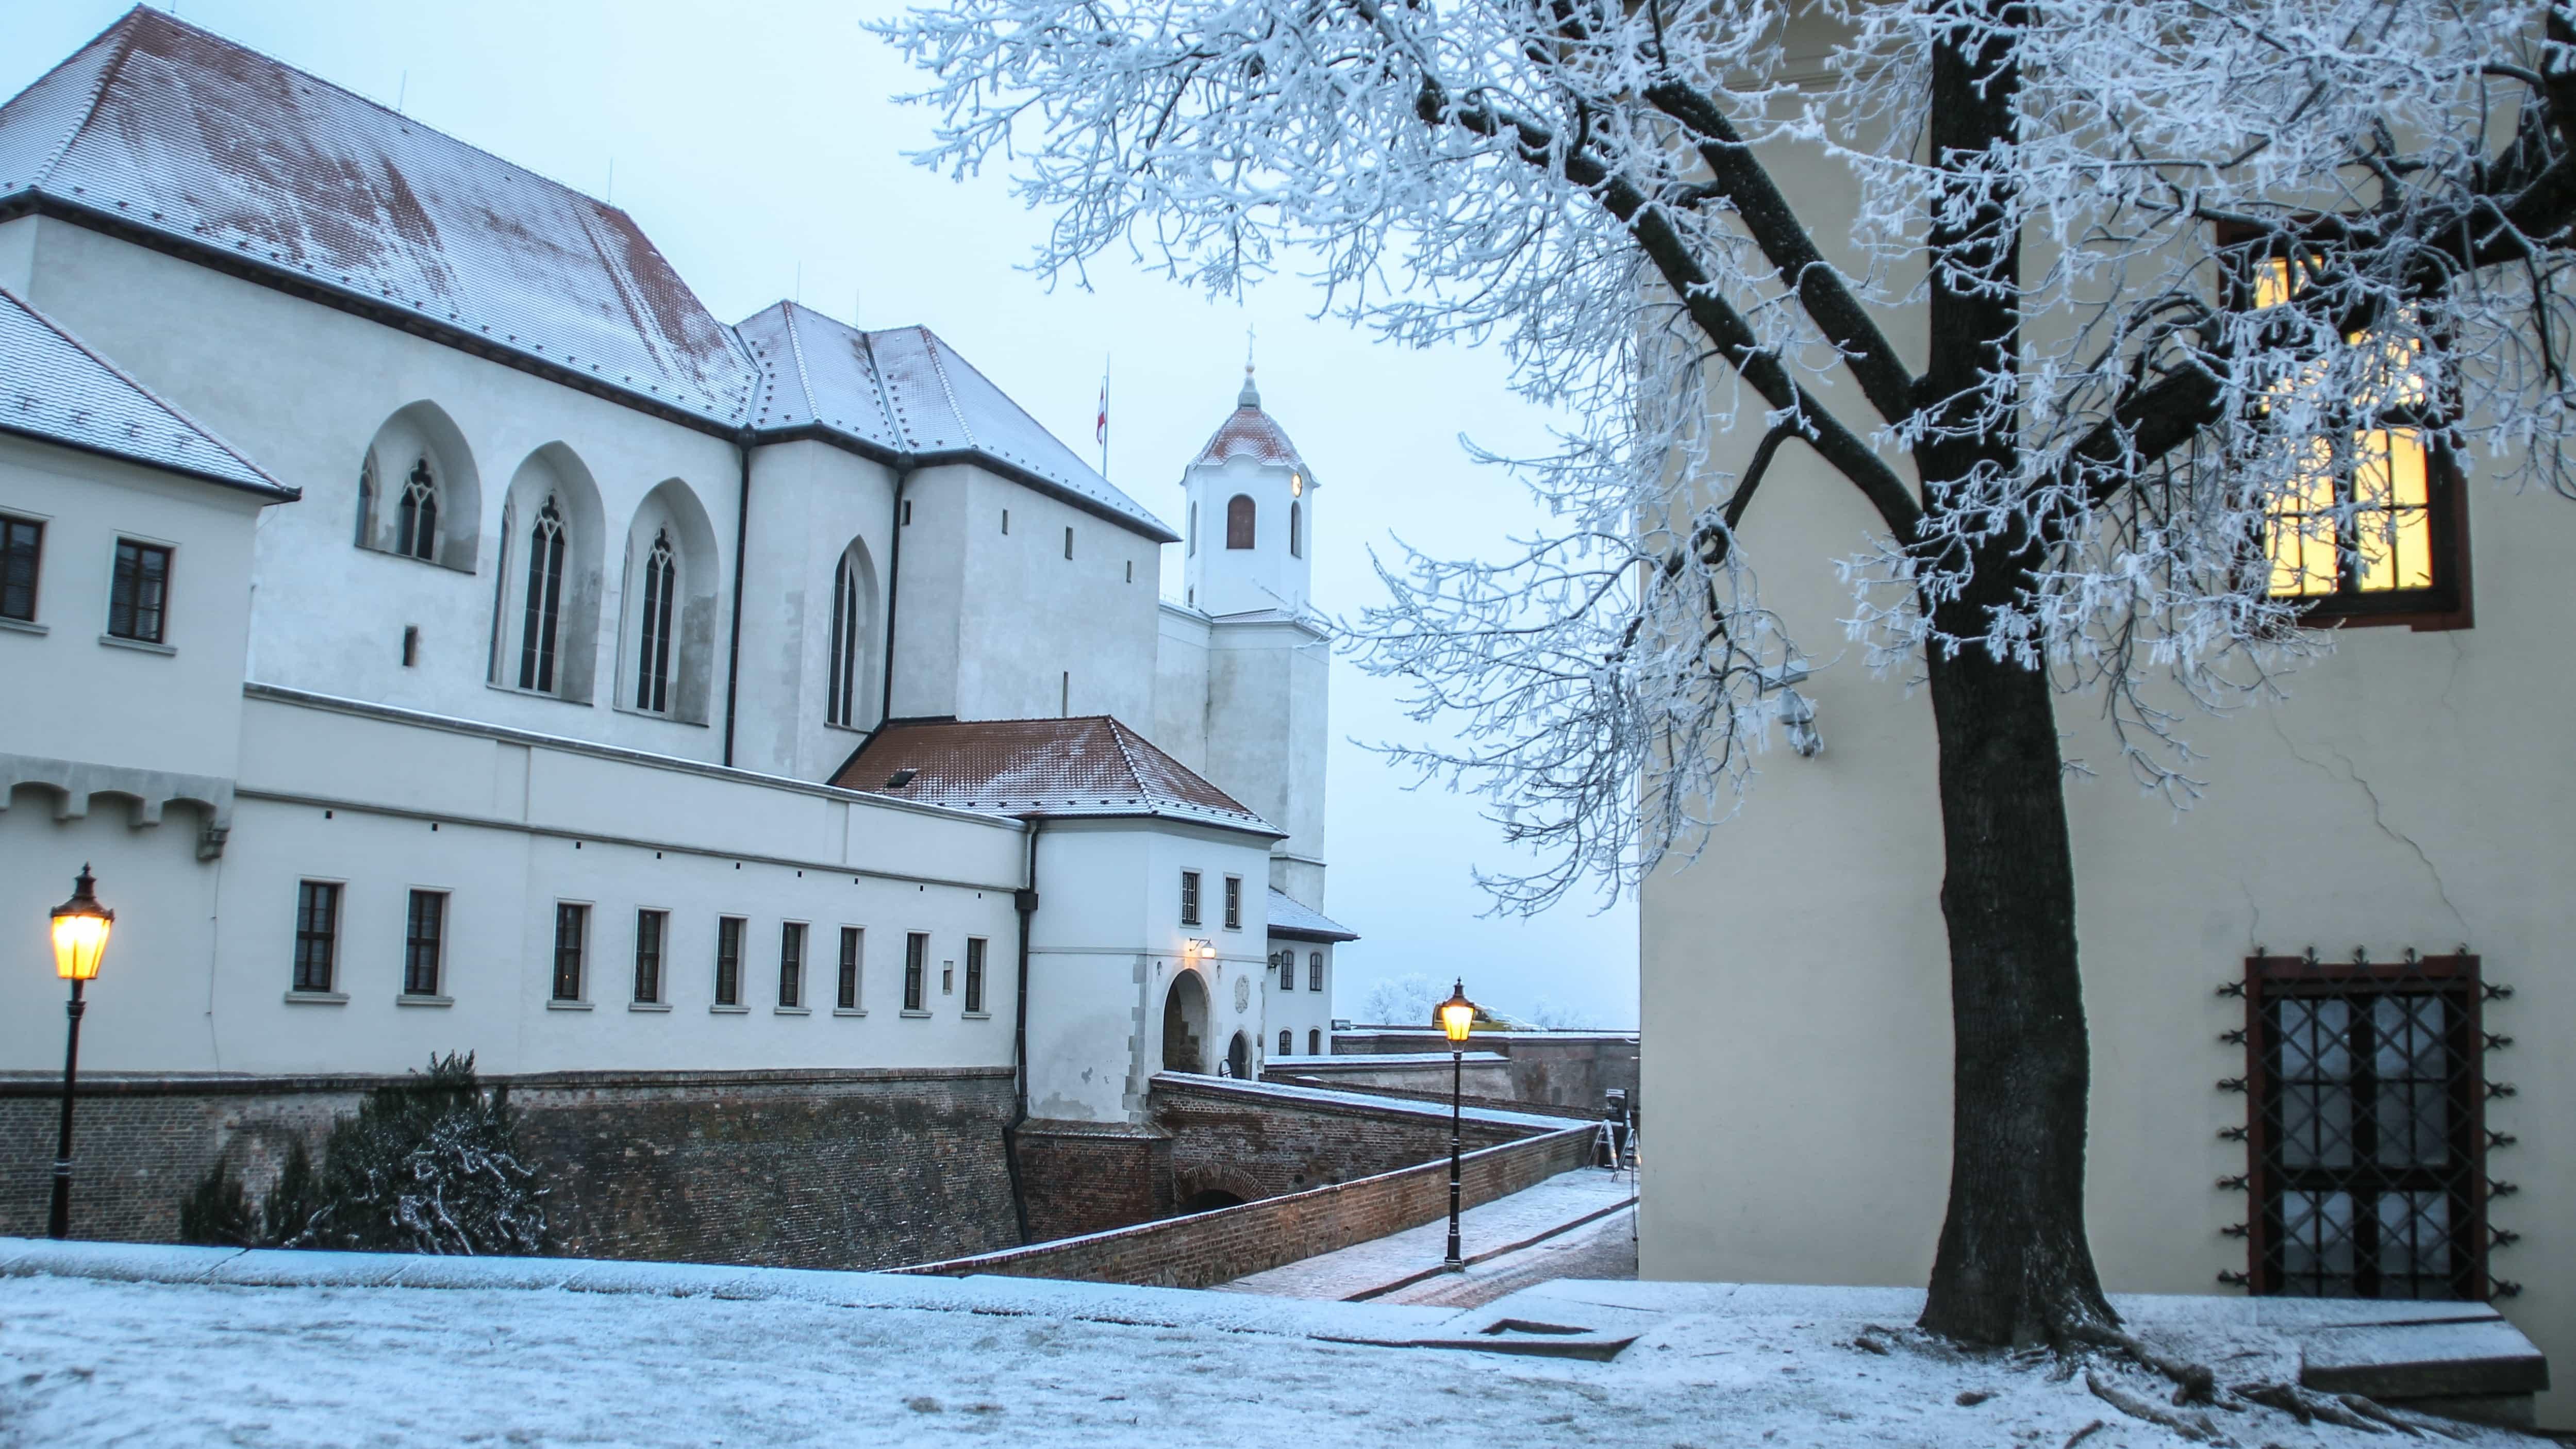 Špilberk Castle in Brno in winter